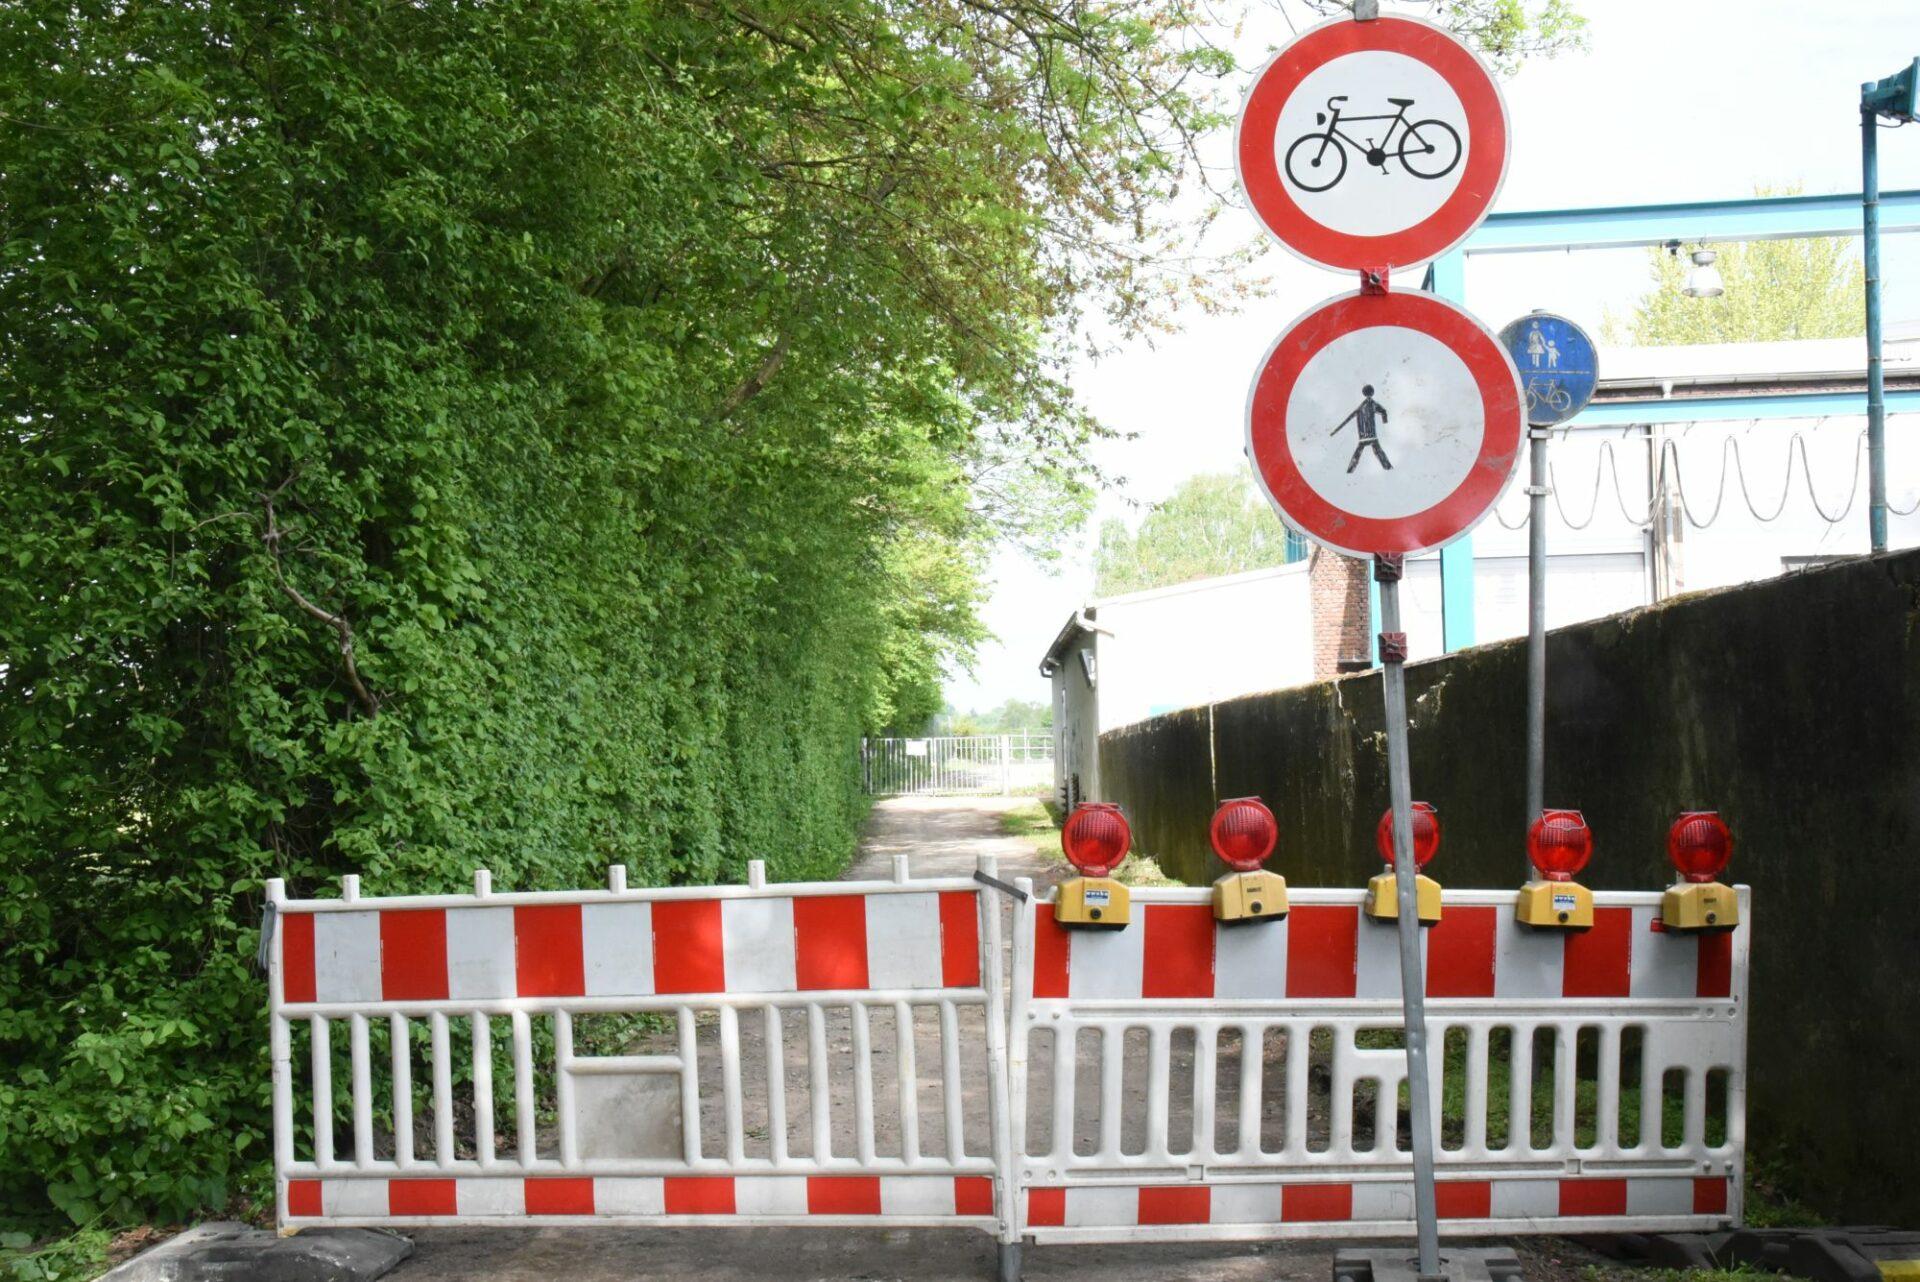 Verbesserungen für Radler*innen: Radweg Theile wird ausgebaut